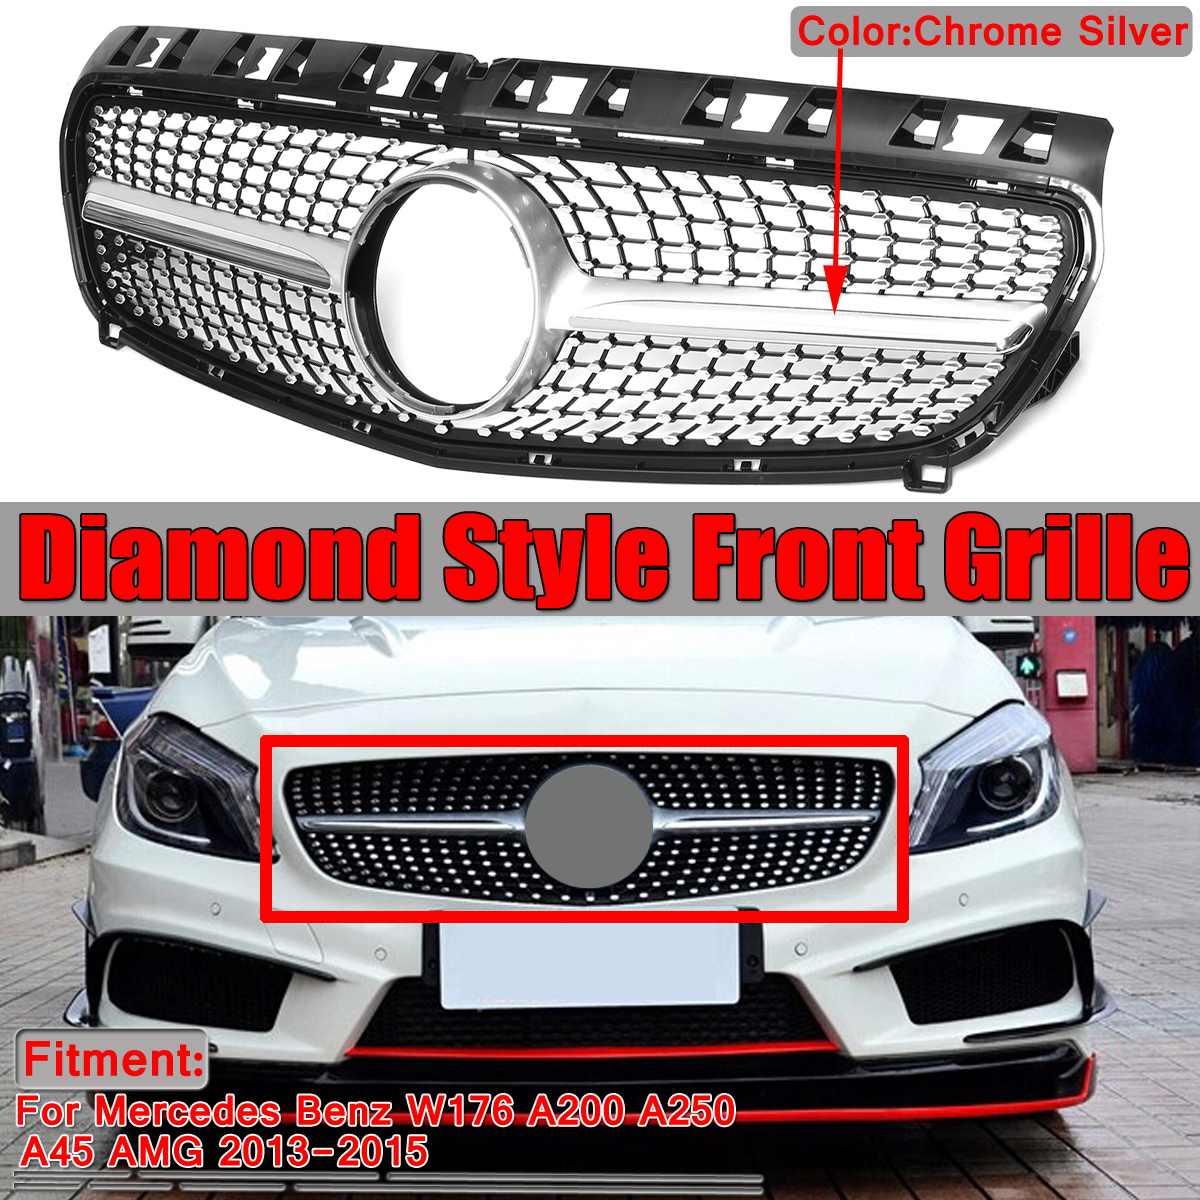 Malha Da Grade De diamante Estilo Frente Car Grille Grill Para Mercedes Benz Para W176 A200 A250 A45 Para AMG 2013 2014 2015 Grades De Corrida